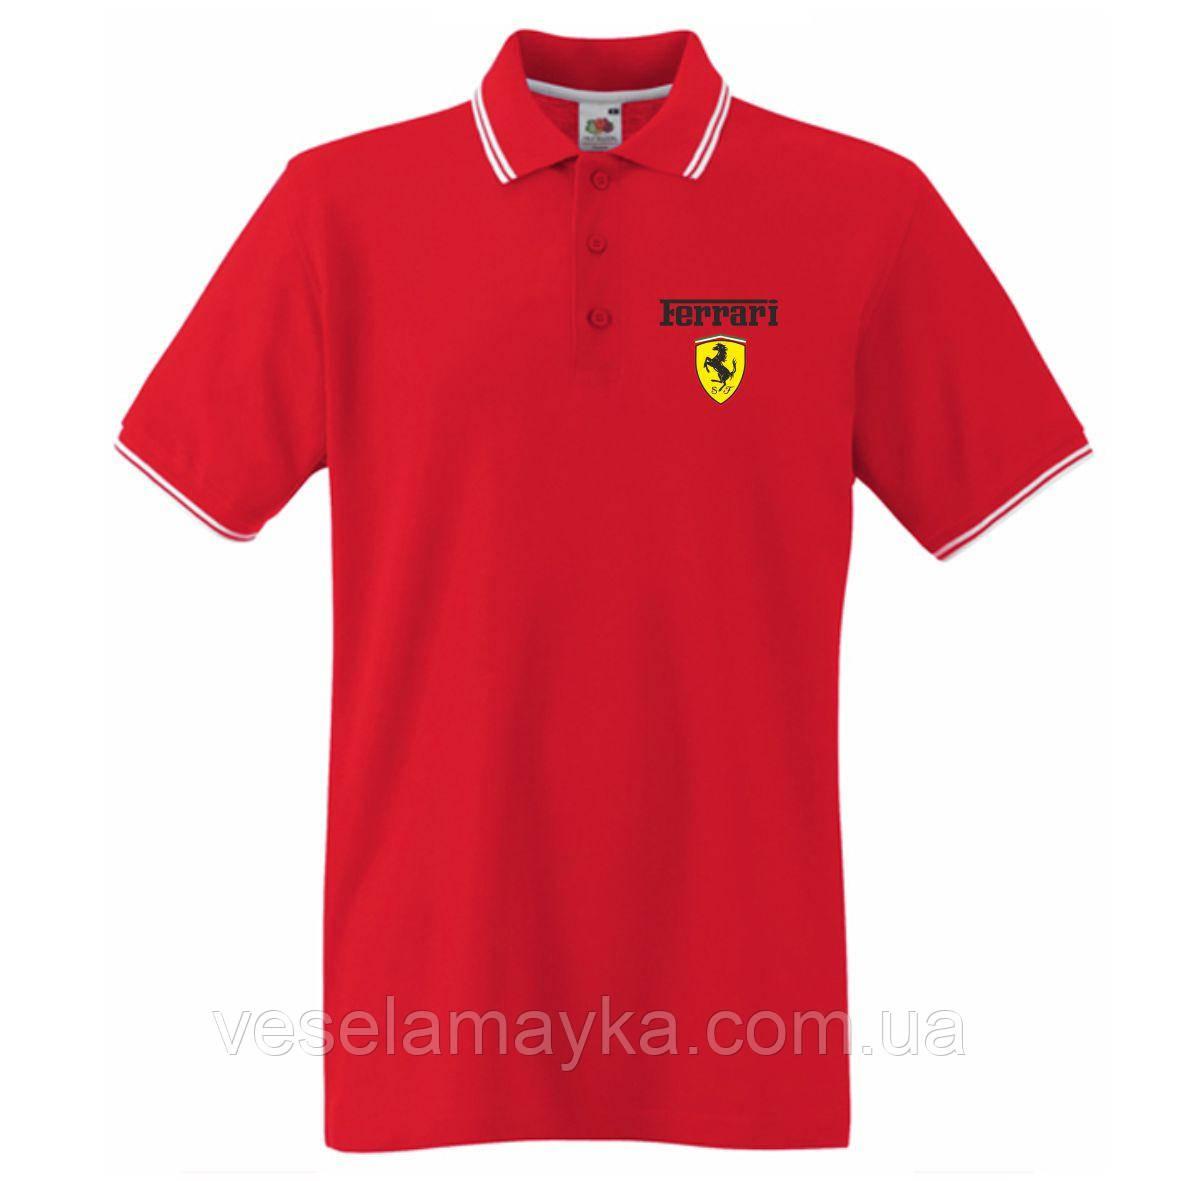 Красное поло Ferrari (Logo)